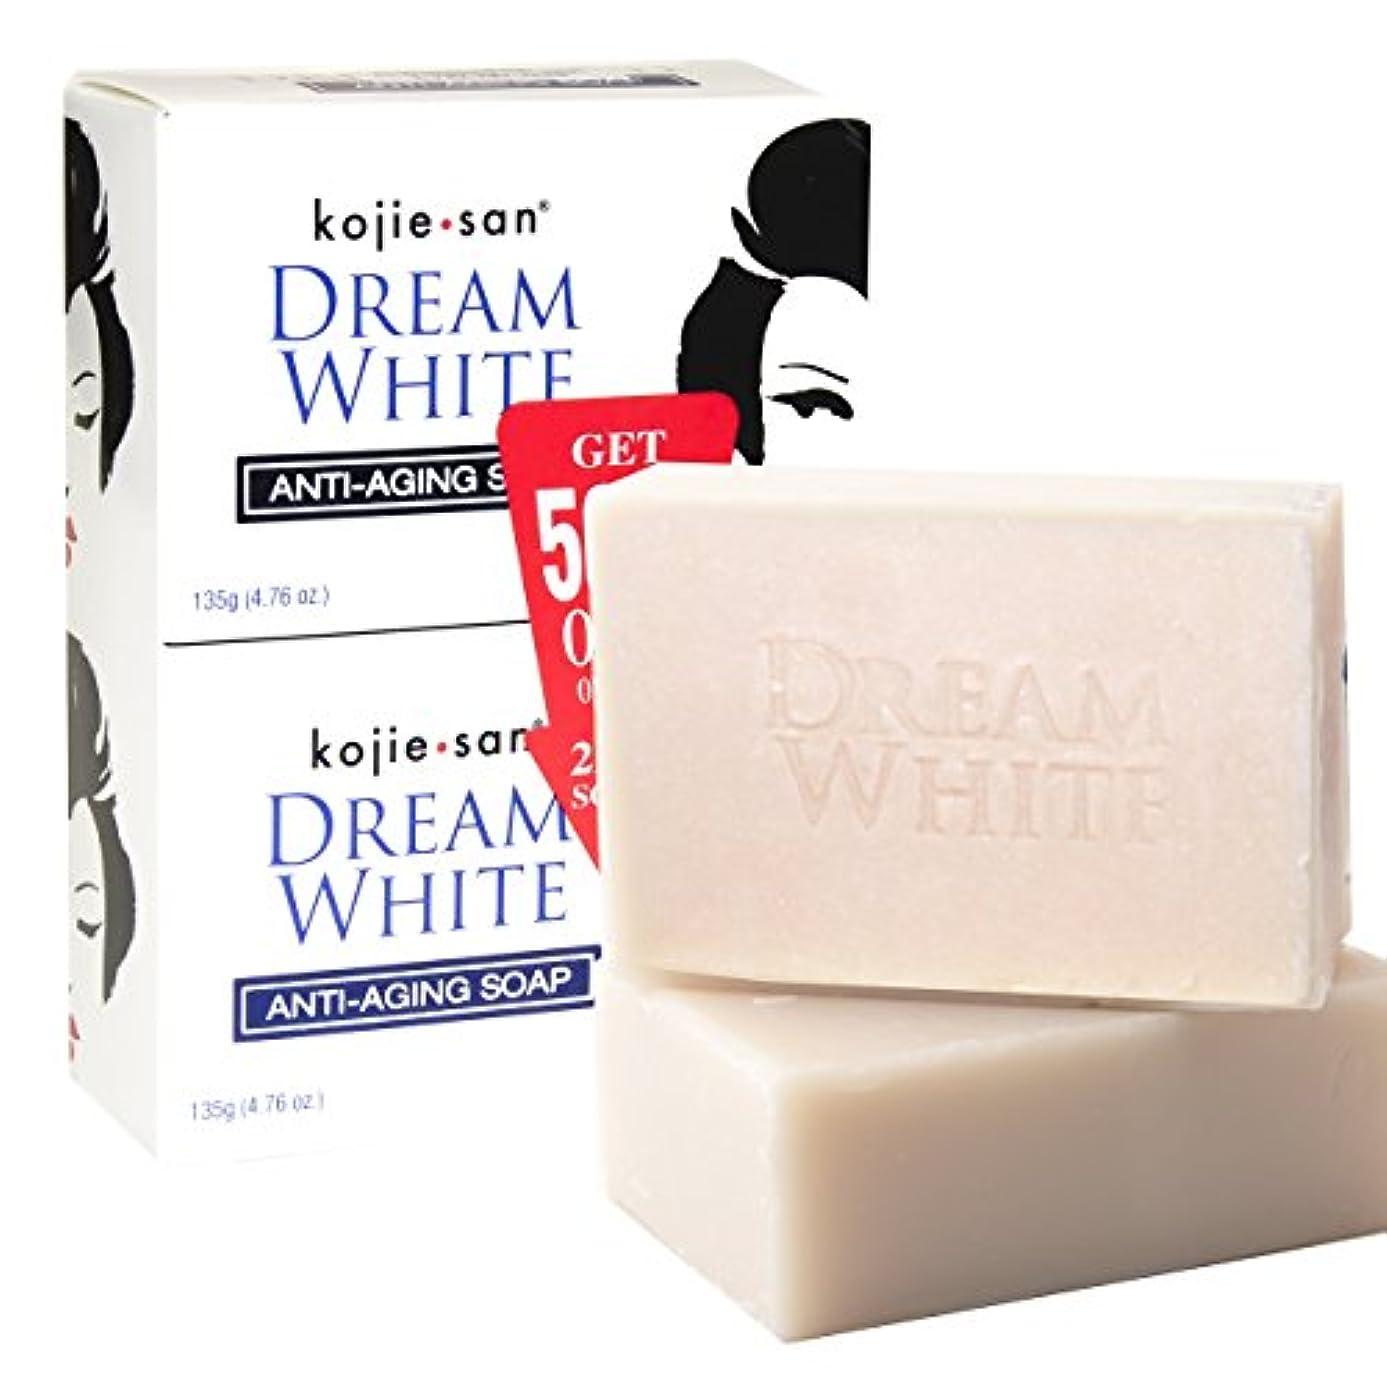 教室靴大量kojie san DREAM WHITE Soap 135g × 2個 ホワイトニングソープ